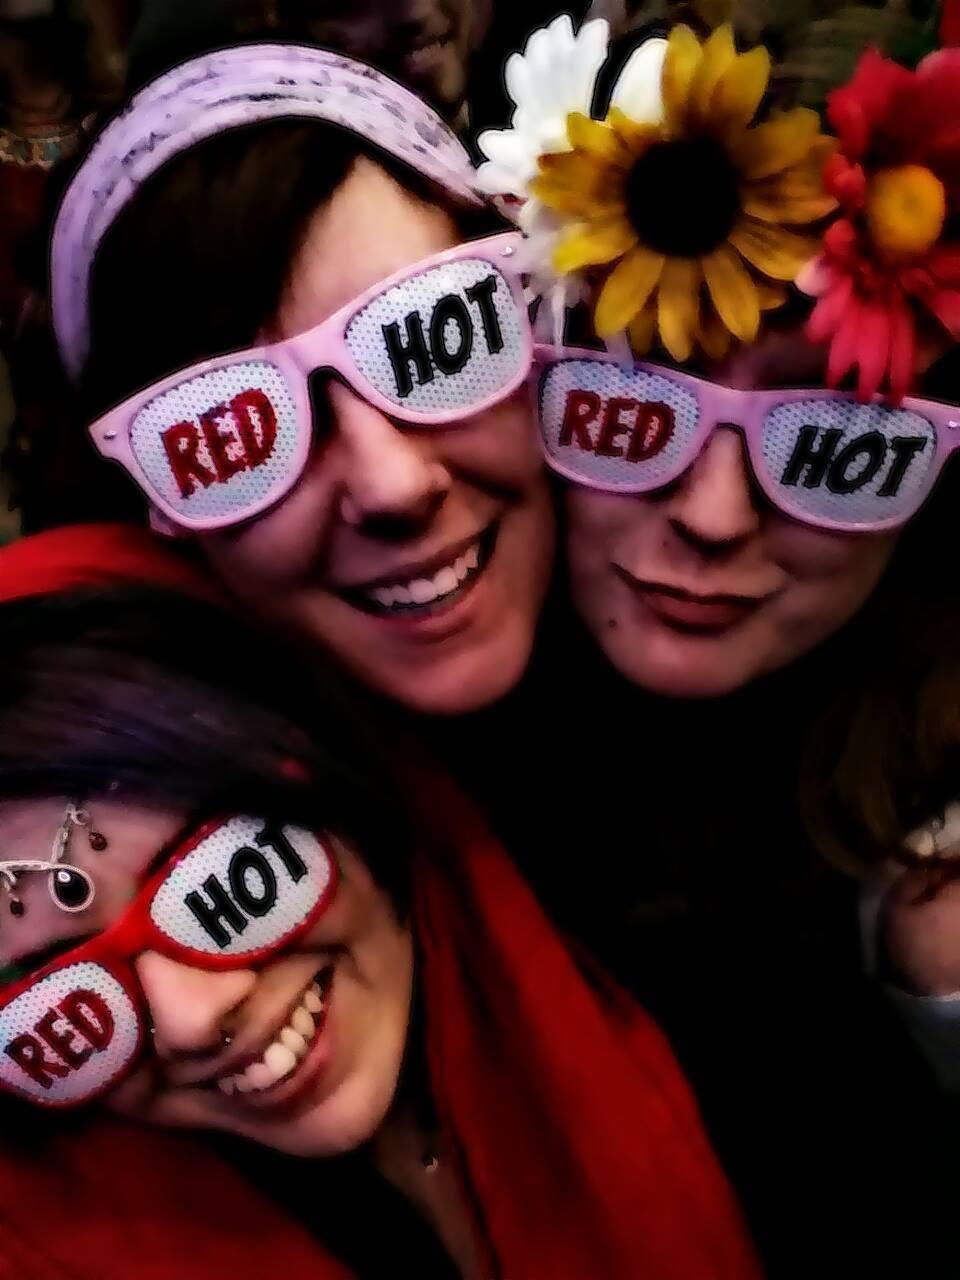 3girls-redhot.JPG